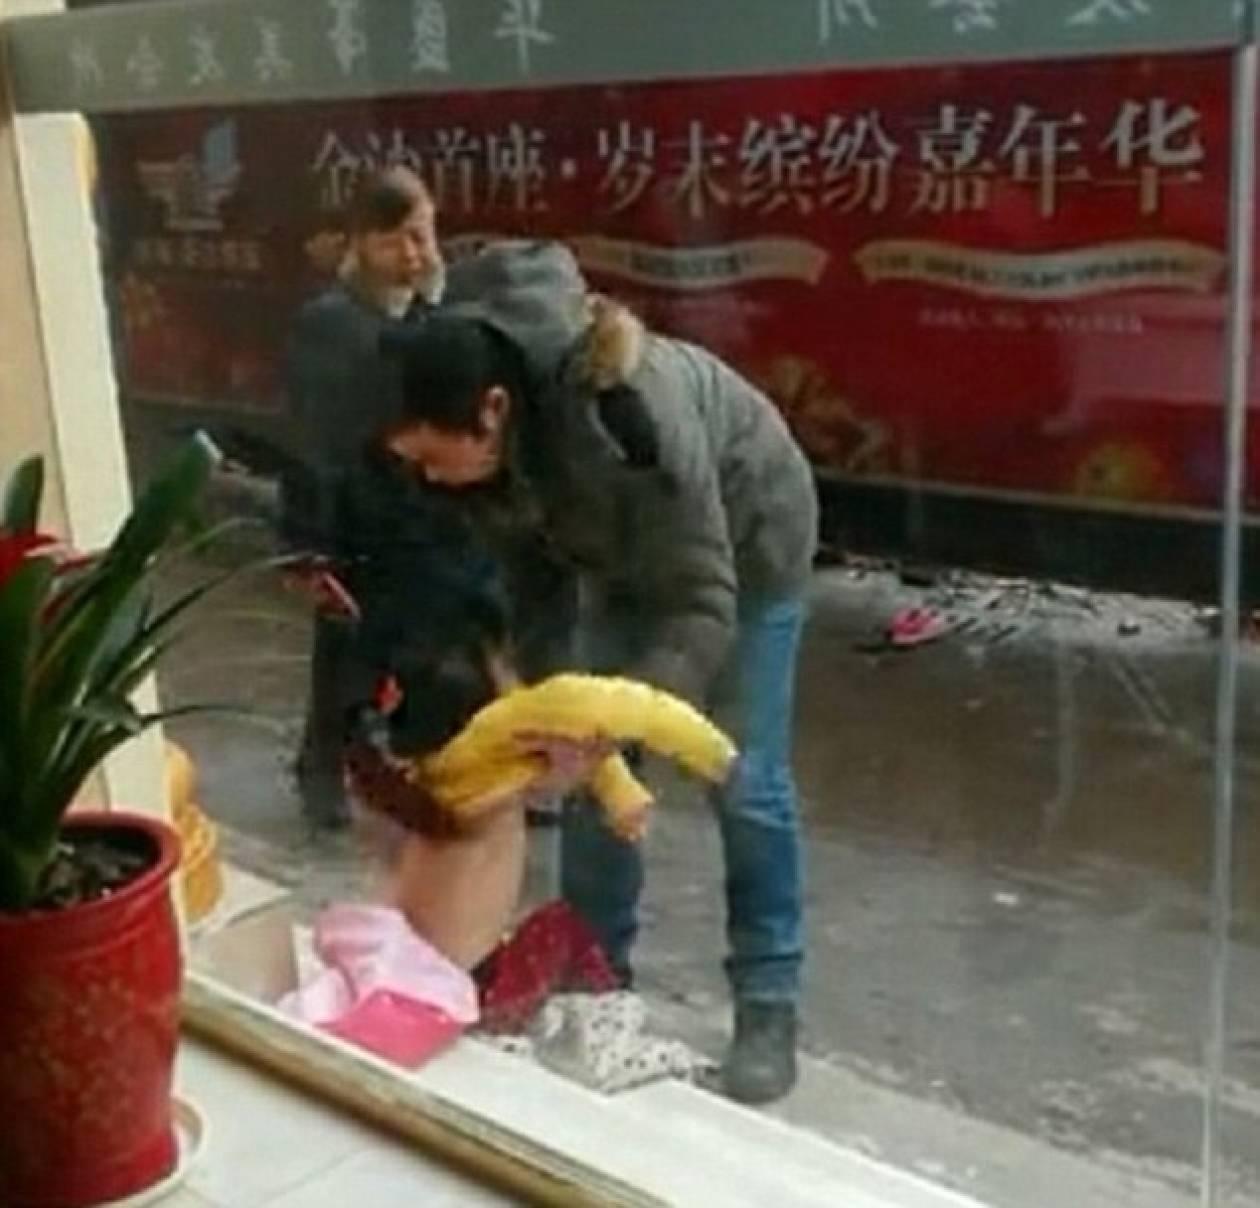 Πα-τέρας έγδυσε την κορούλα του και την έσερνε γυμνή στο δρόμο (pics)